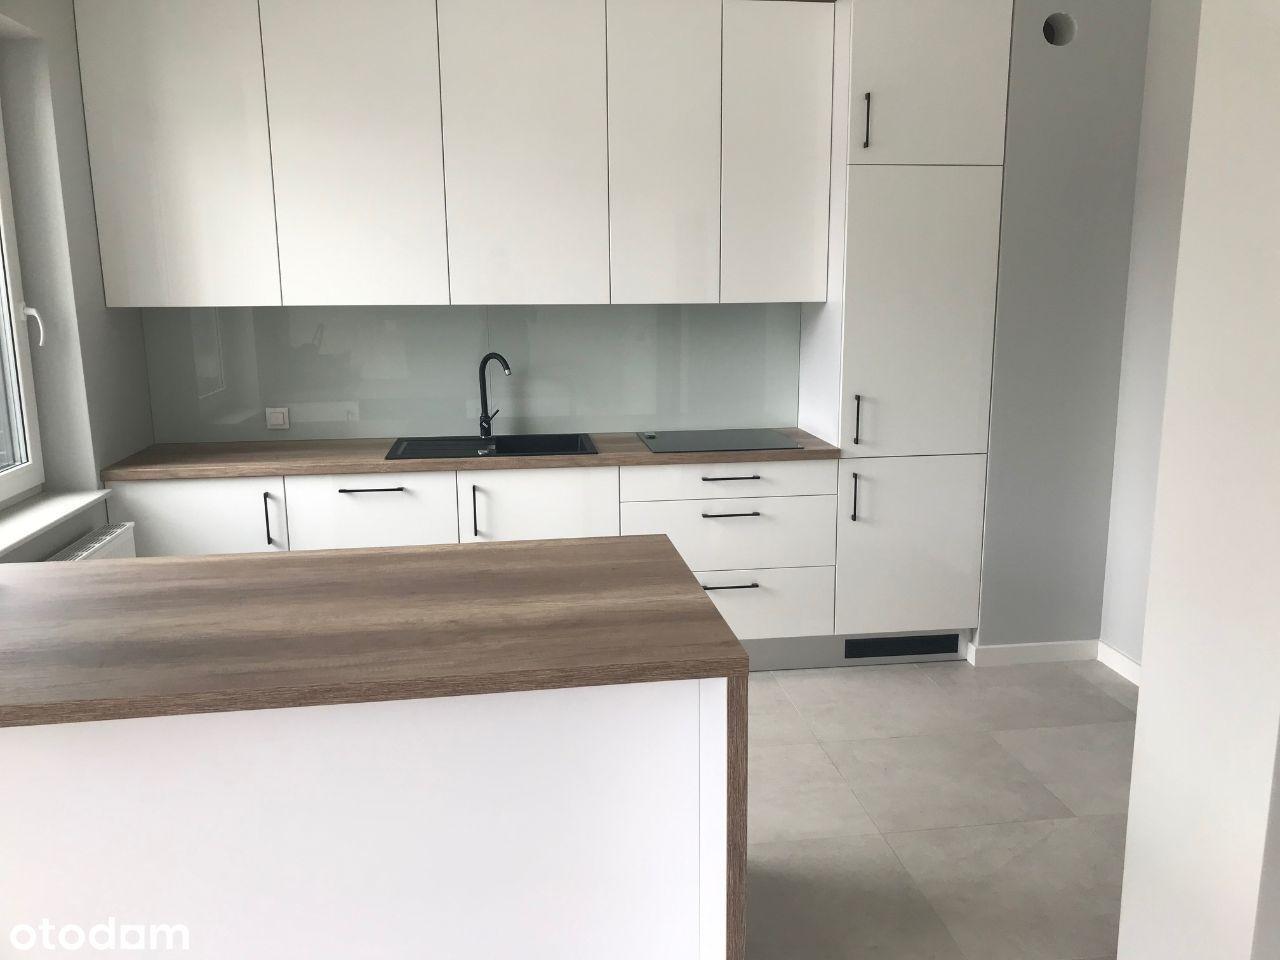 Apartament 97 m2 - gotowy do zamieszkania